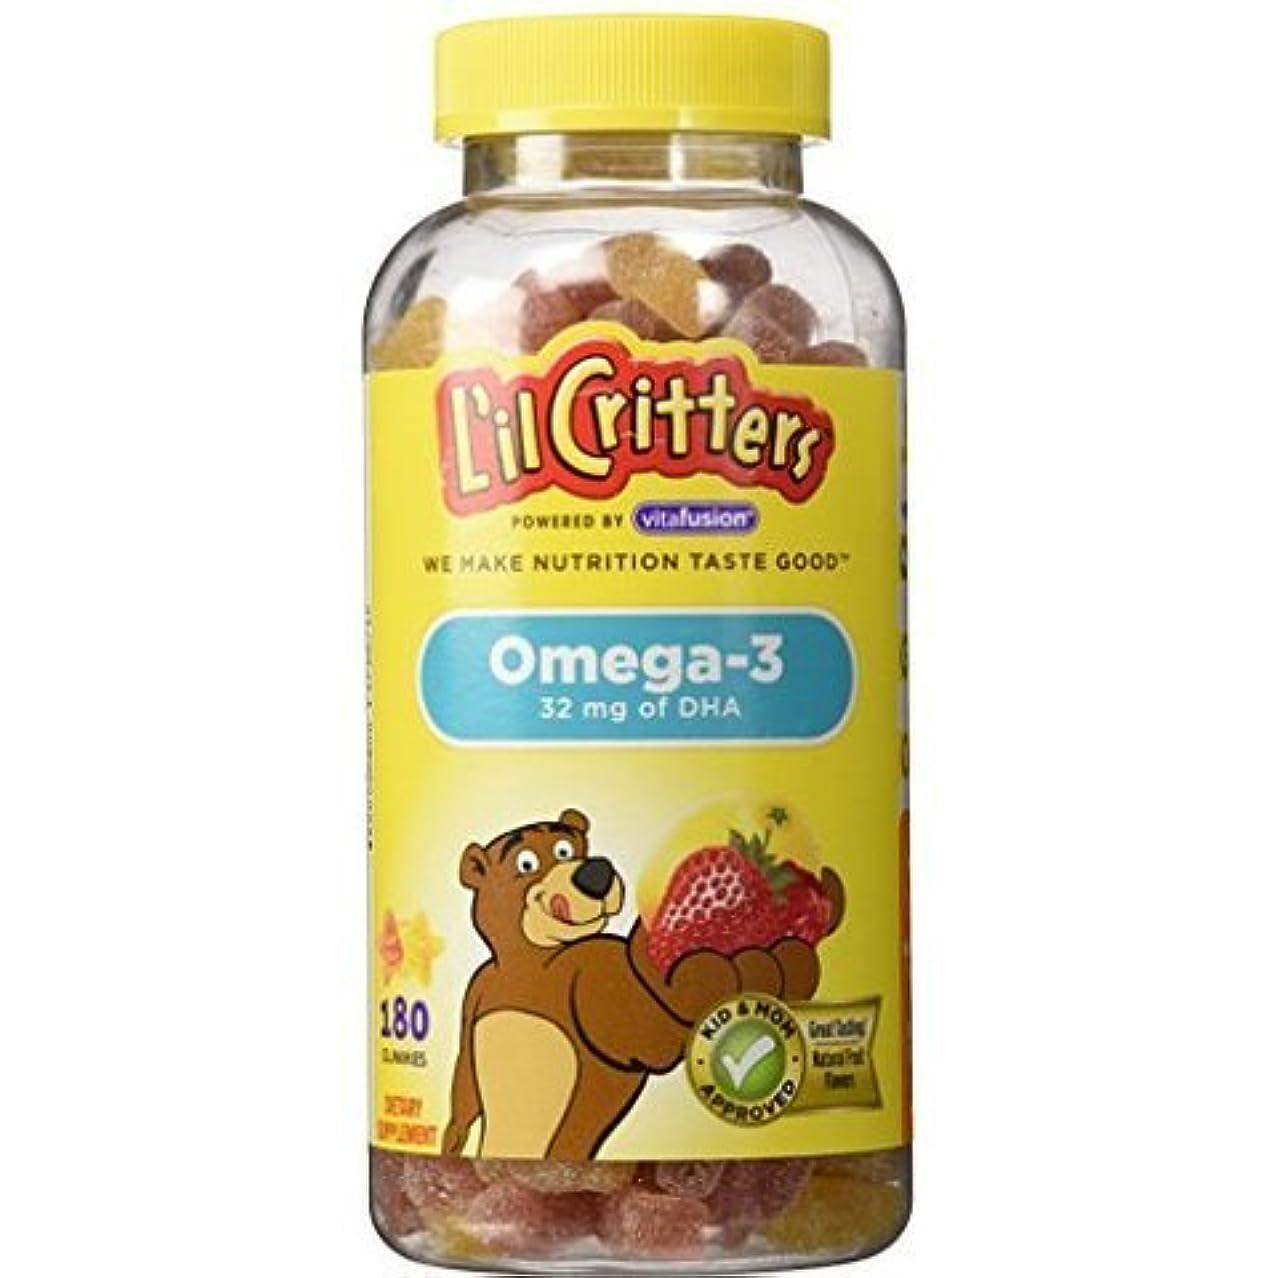 きょうだいフォアマンフックL'il Critters クルクリターズ 子供用ビタミングミ オメガ3 DHA 180粒 [並行輸入品]